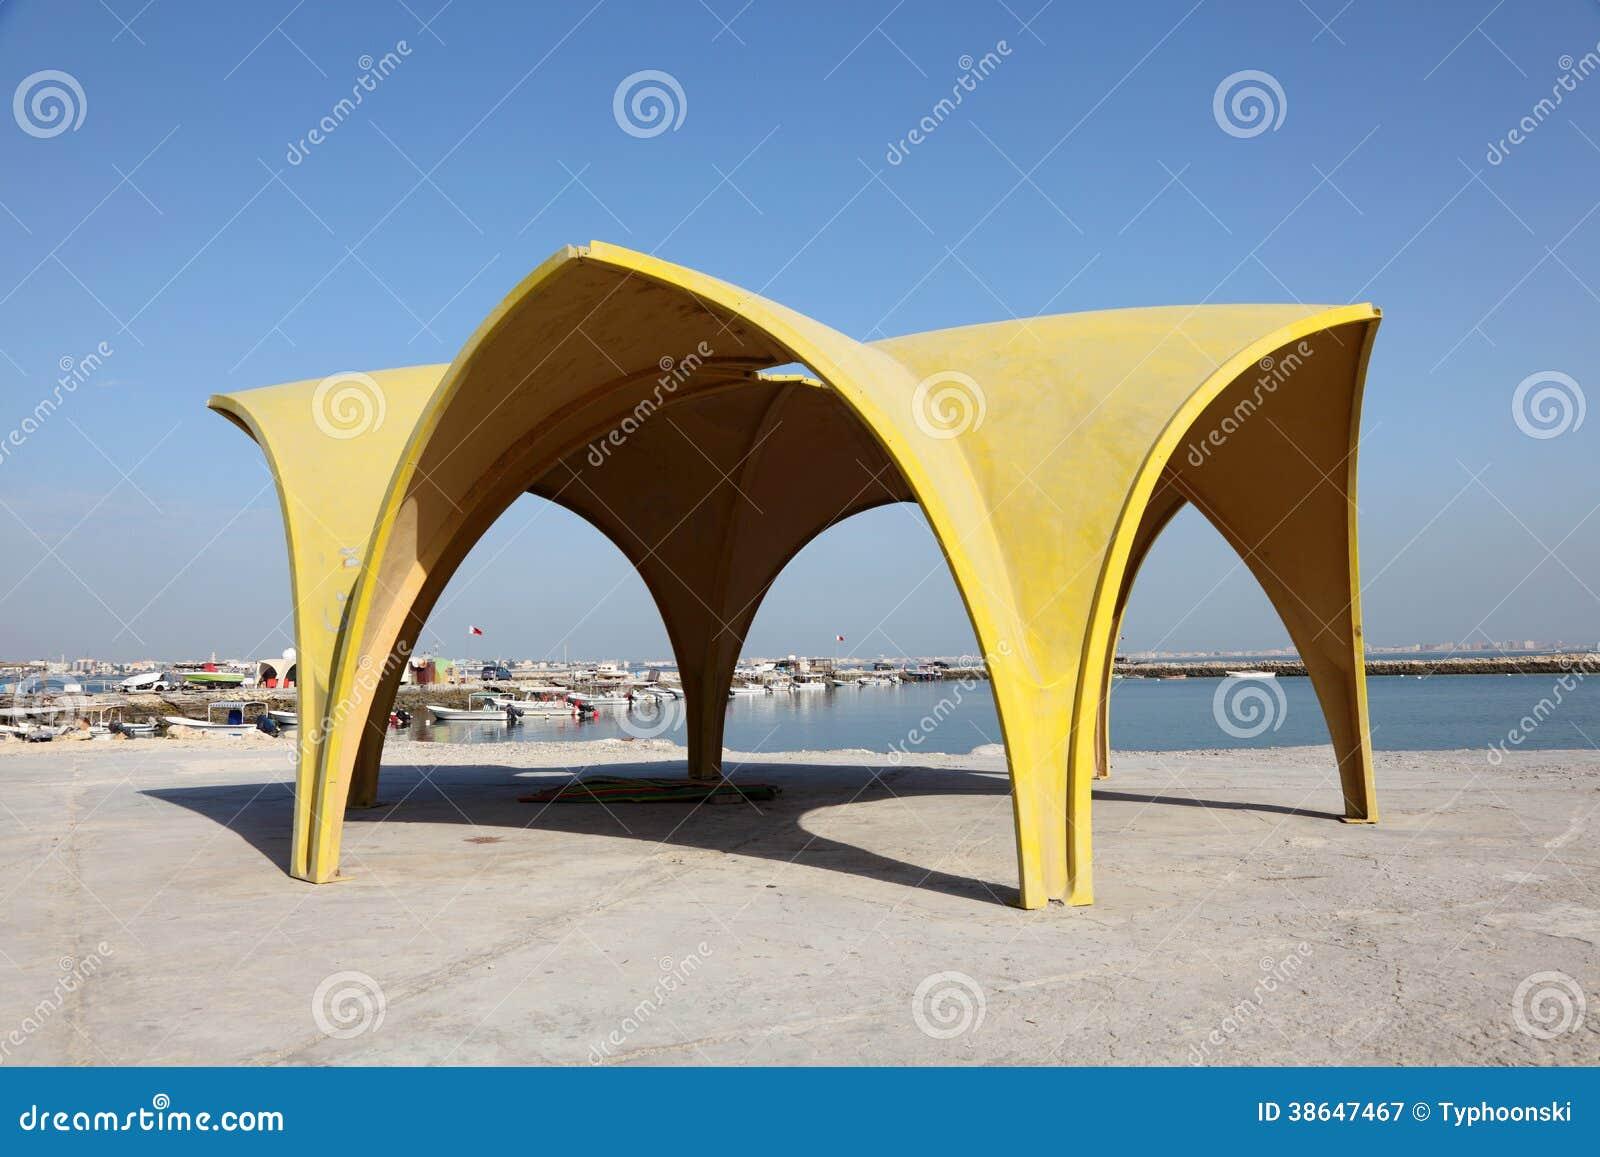 Pavillon am corniche von Manama, Bahrain